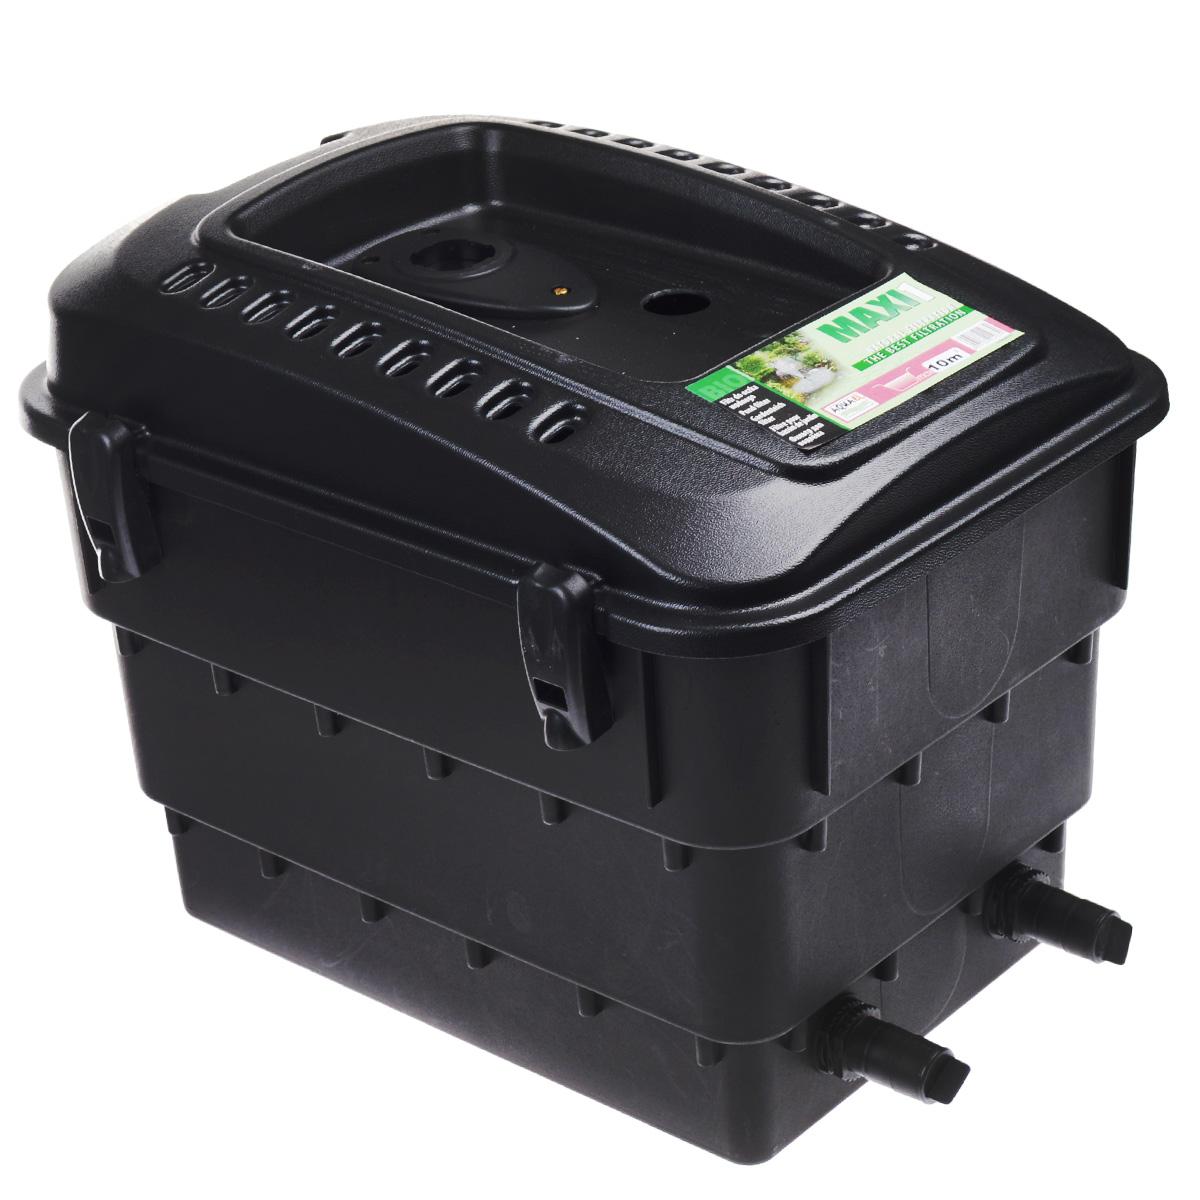 Фильтр для декоративного пруда Aquael. MAXI-1MAXI-1Фильтр для декоративного пруда Aquael является наружным фильтром. Его можно размещать на берегу пруда или на водопаде. Работает совместно с насосом Aquajet PFN. Такой фильтр обеспечивает механическую и биологическую очистку водоема. Рассчитан на непрерывную работу и приспособлен к работе как в полностью погруженном состоянии, так и в наружном положении. Максимальный объем: 10 м3. Размер фильтра: 50 см х 38 см х 40 см.